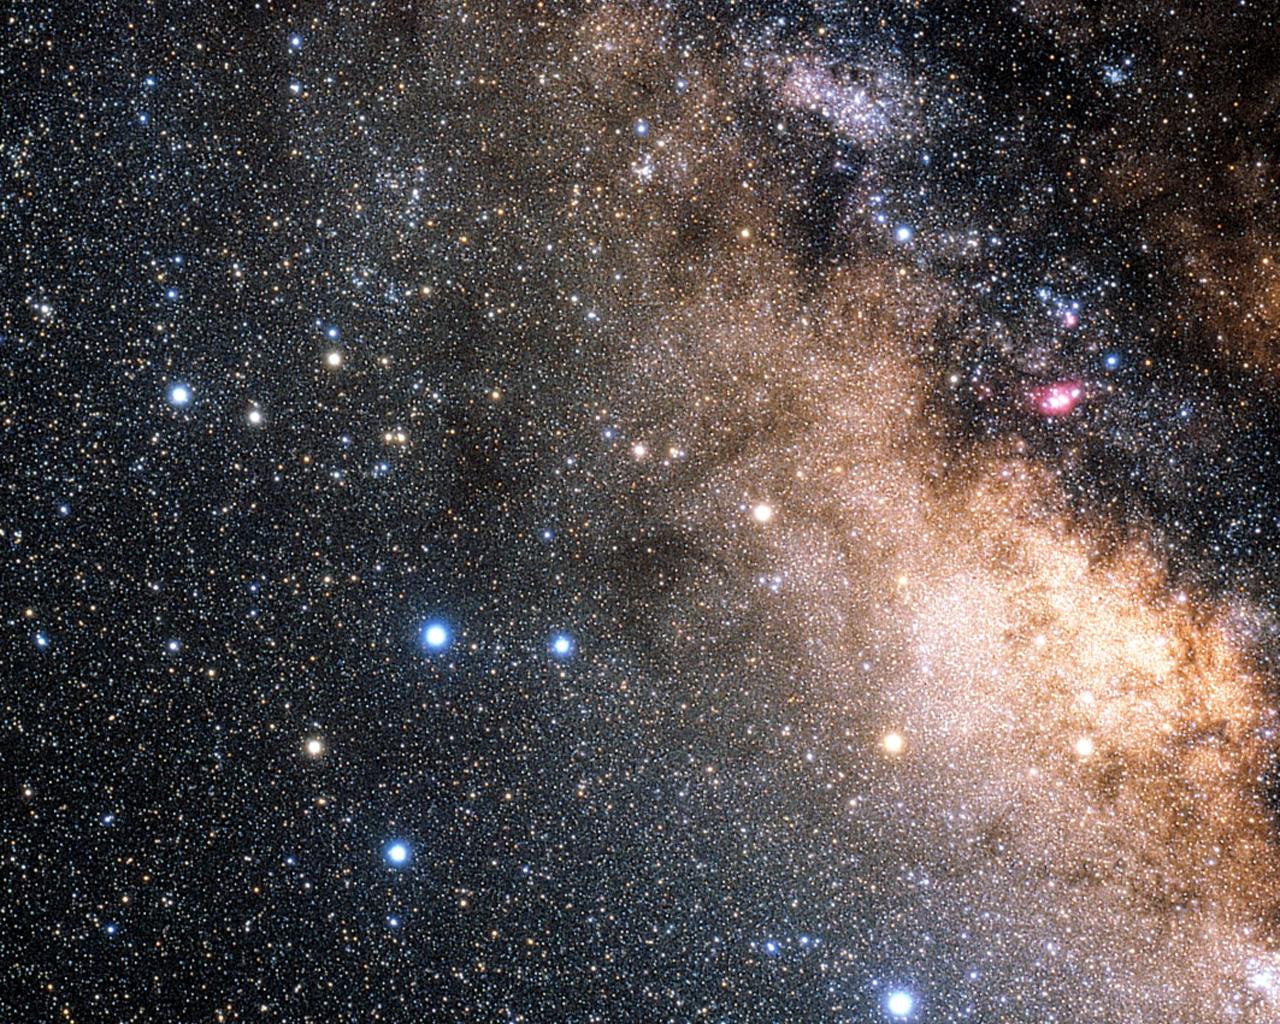 Galaxy 44